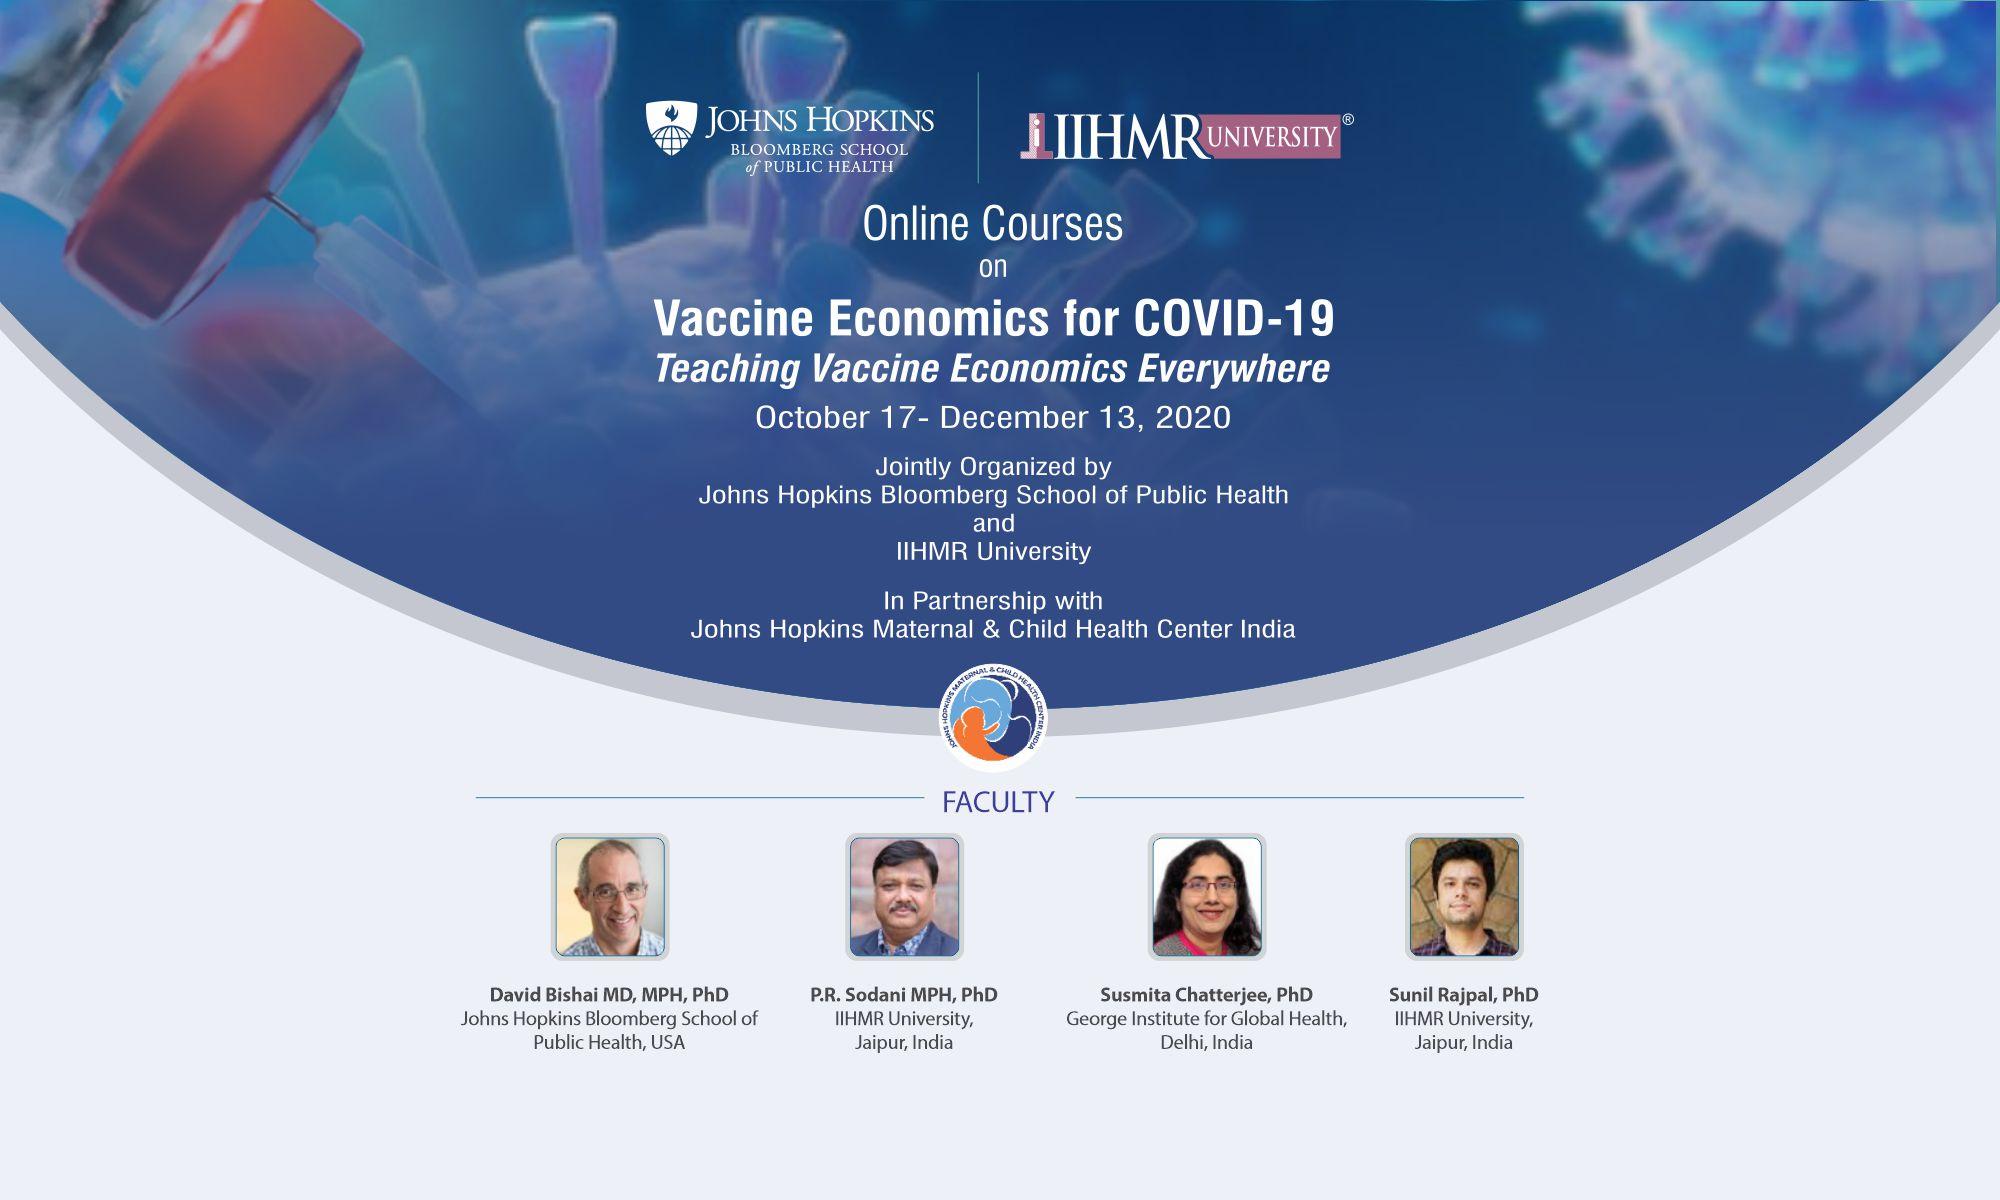 Vaccine Economics for COVID-19